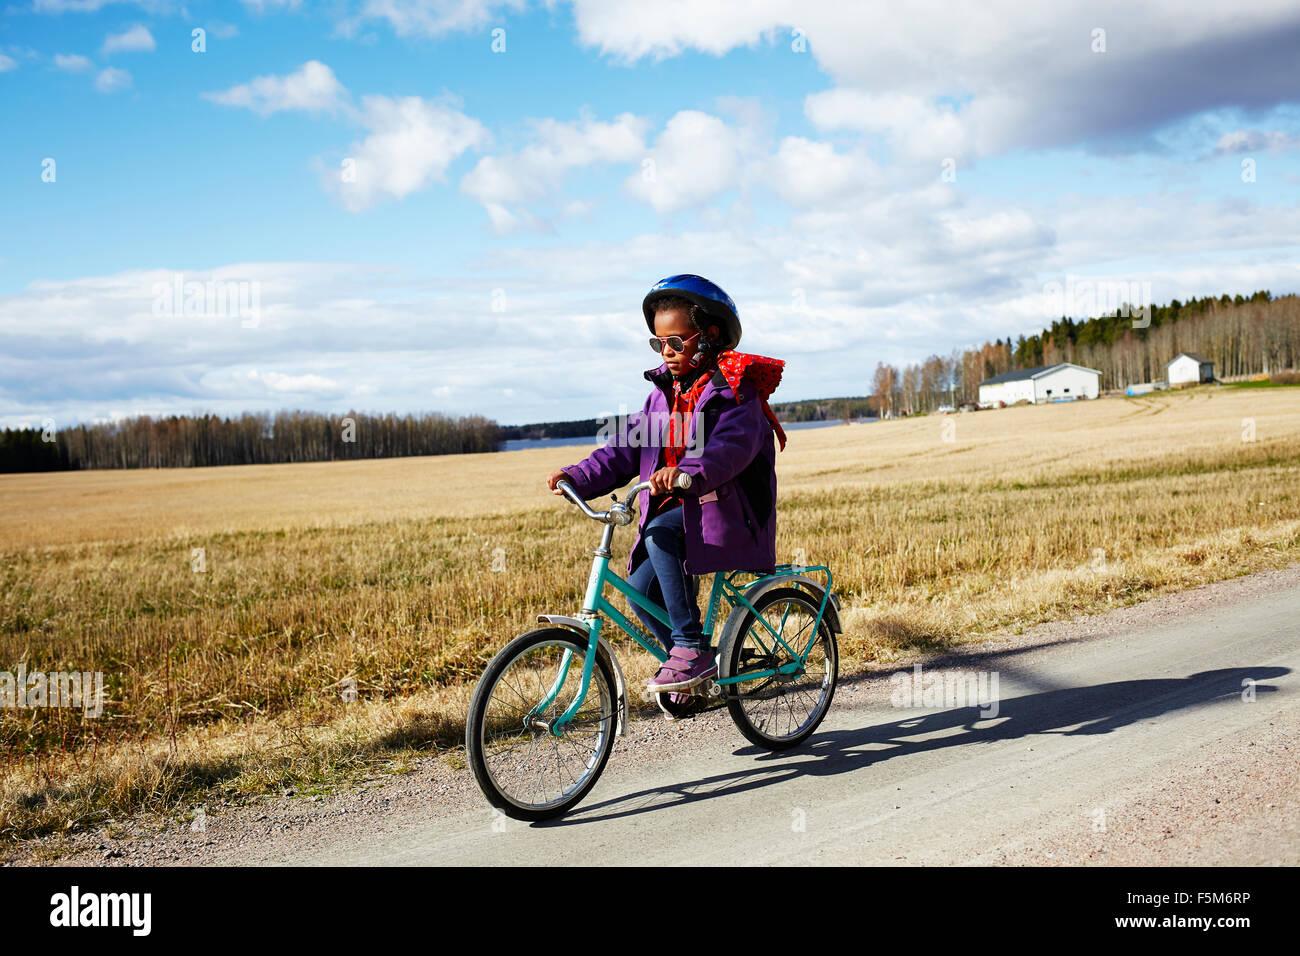 La Suède, Vastra Sweden, Runnas Gullspang, Girl (6-7) randonnée à vélo dans la campagne Banque D'Images